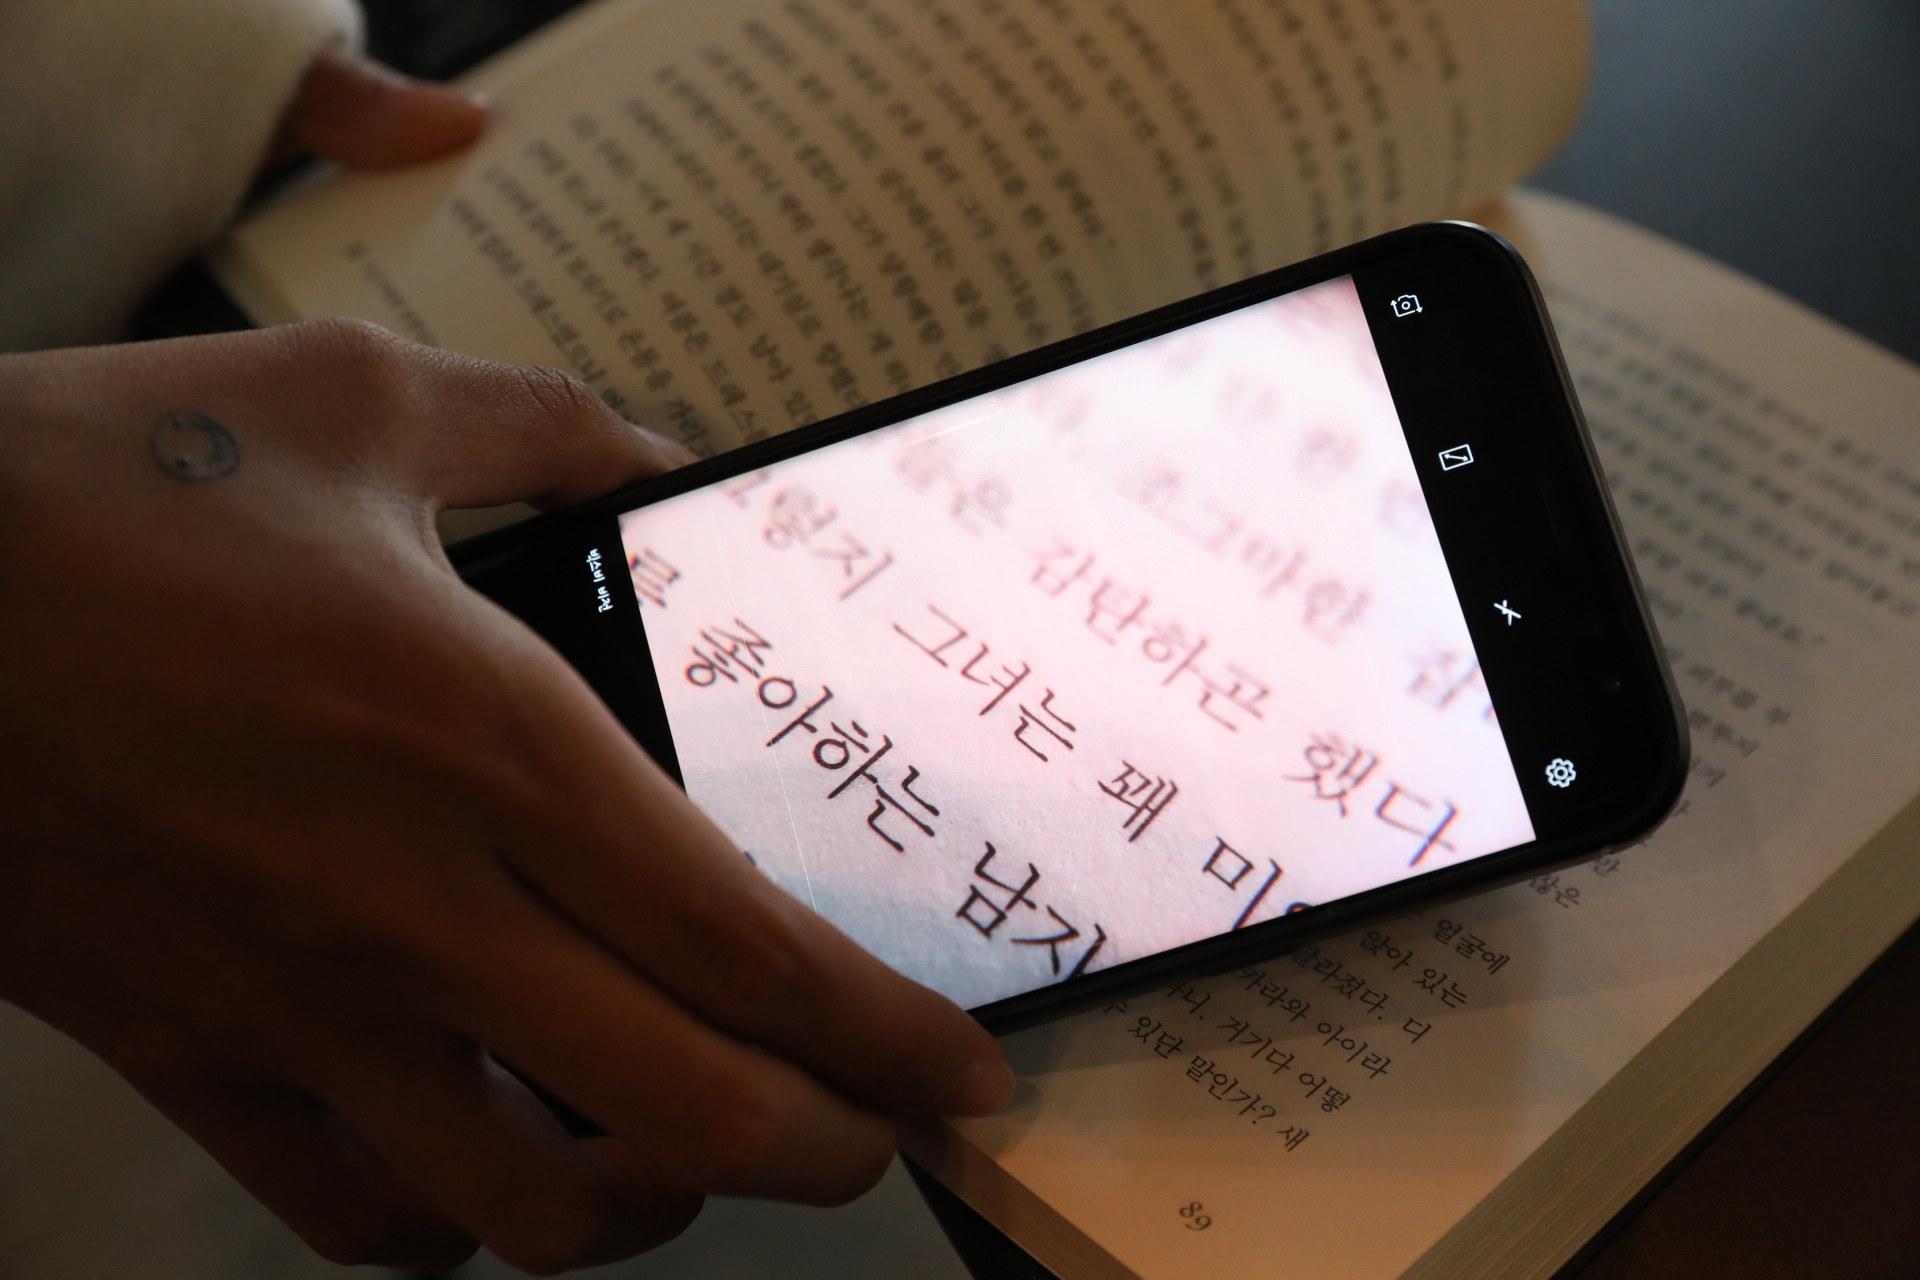 폰빔 PhoneBeam  콘서트 야구경기장